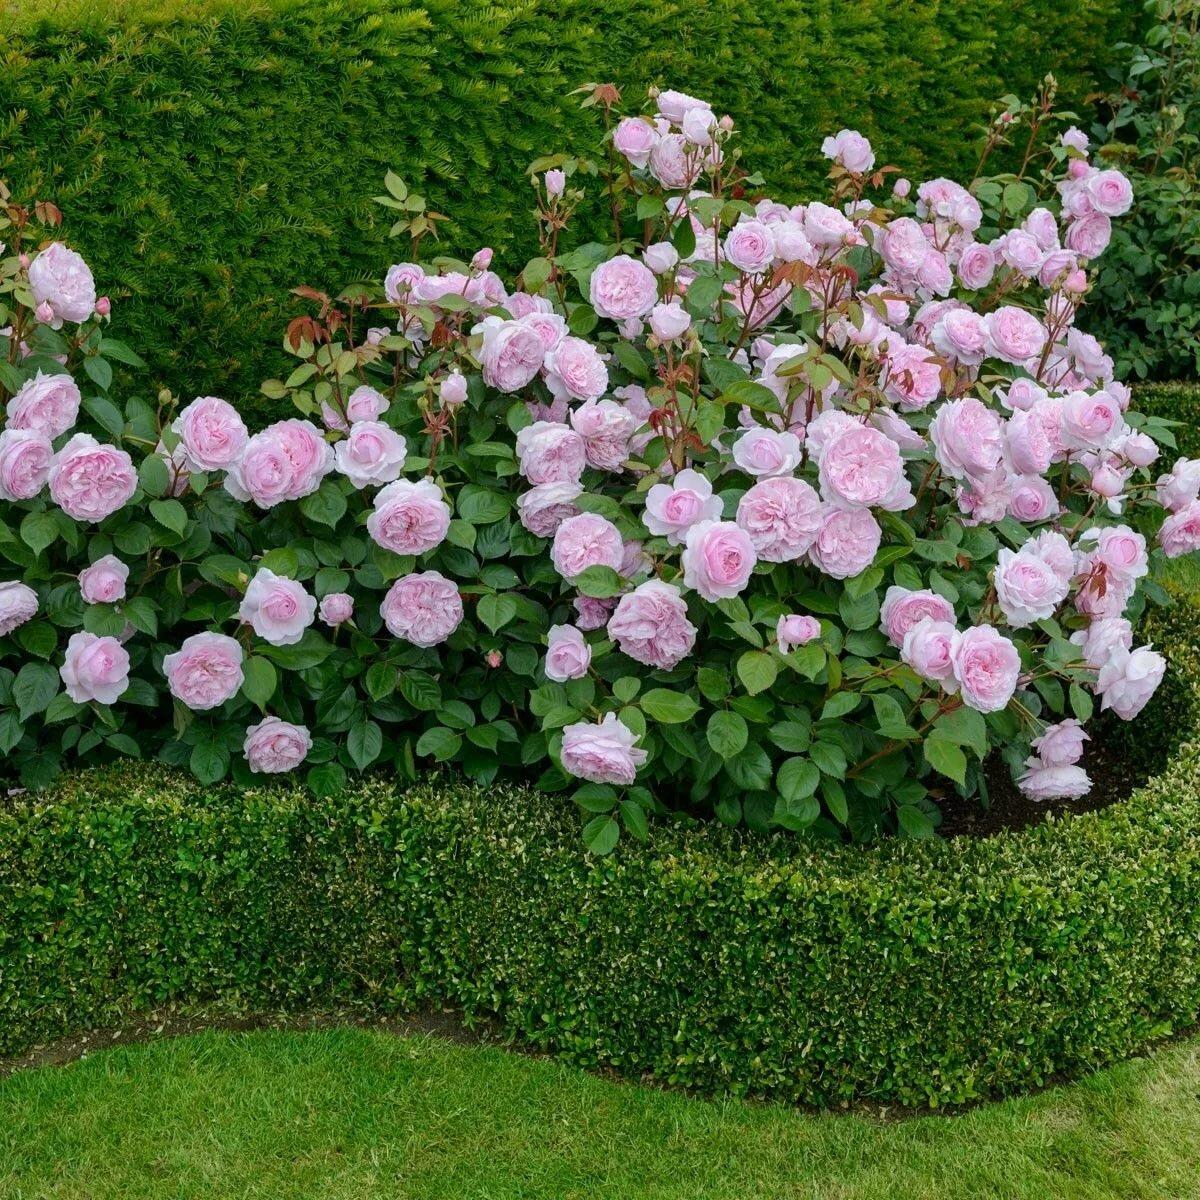 Нюансы посадки и уход за сортовой плетистой розой эден роуз: техника выращивания